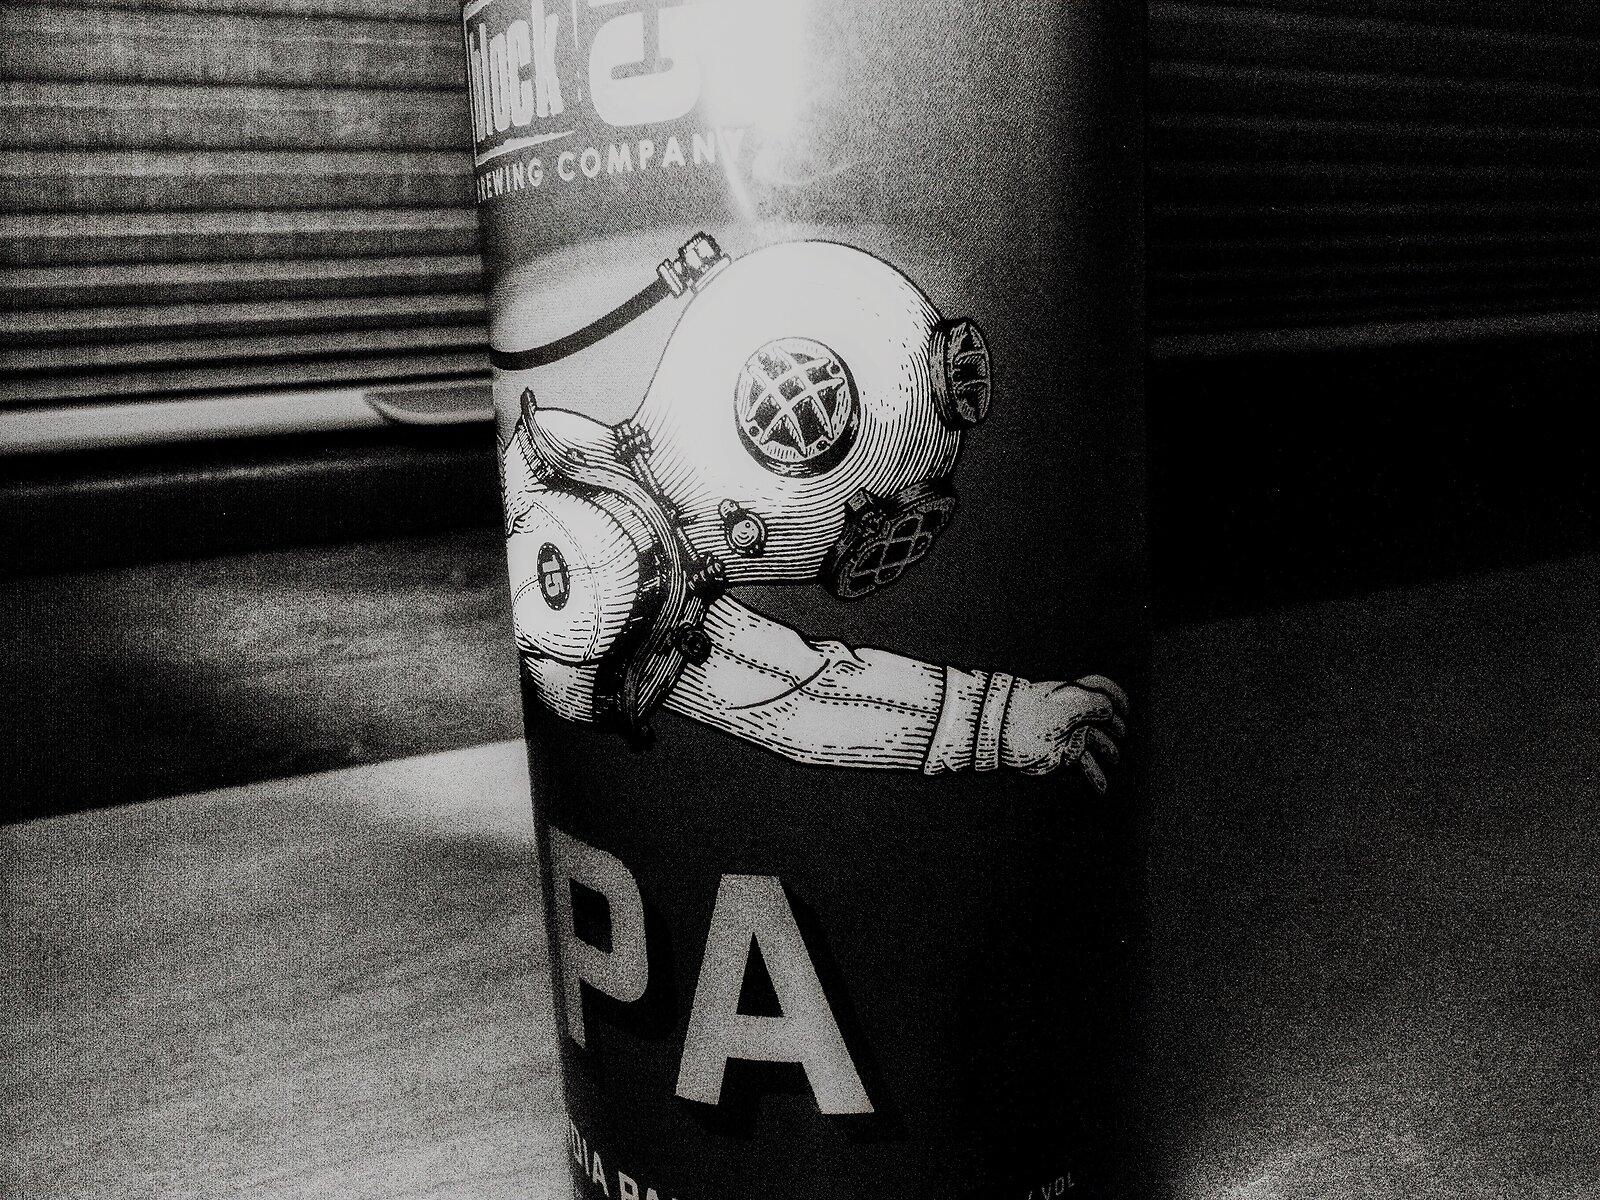 GRDiii_June9_Beer_Diving_helmet(SilverEfex).jpg